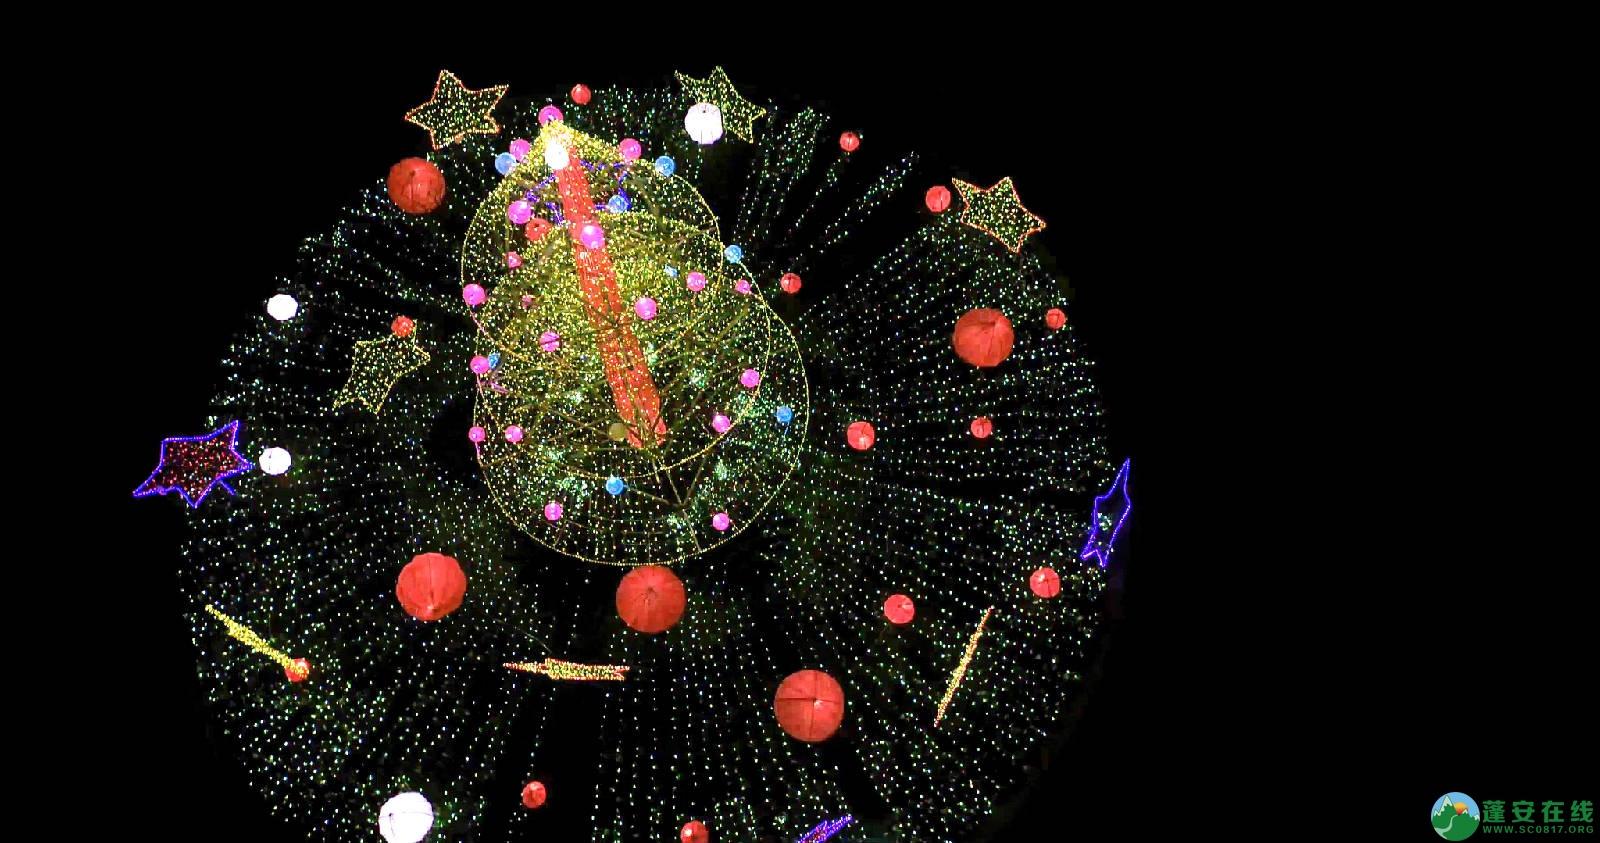 临近春节的蓬安夜色 - 第6张  | 蓬安在线